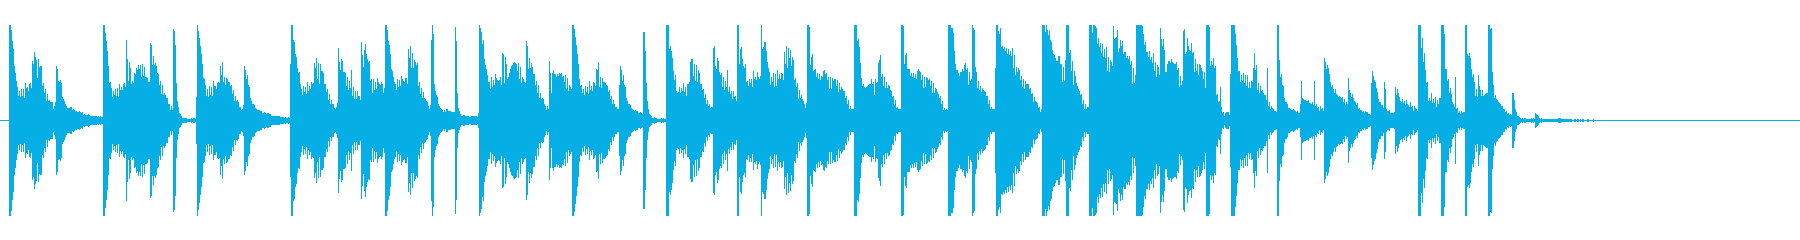 ドラムが印象的なジングルですの再生済みの波形